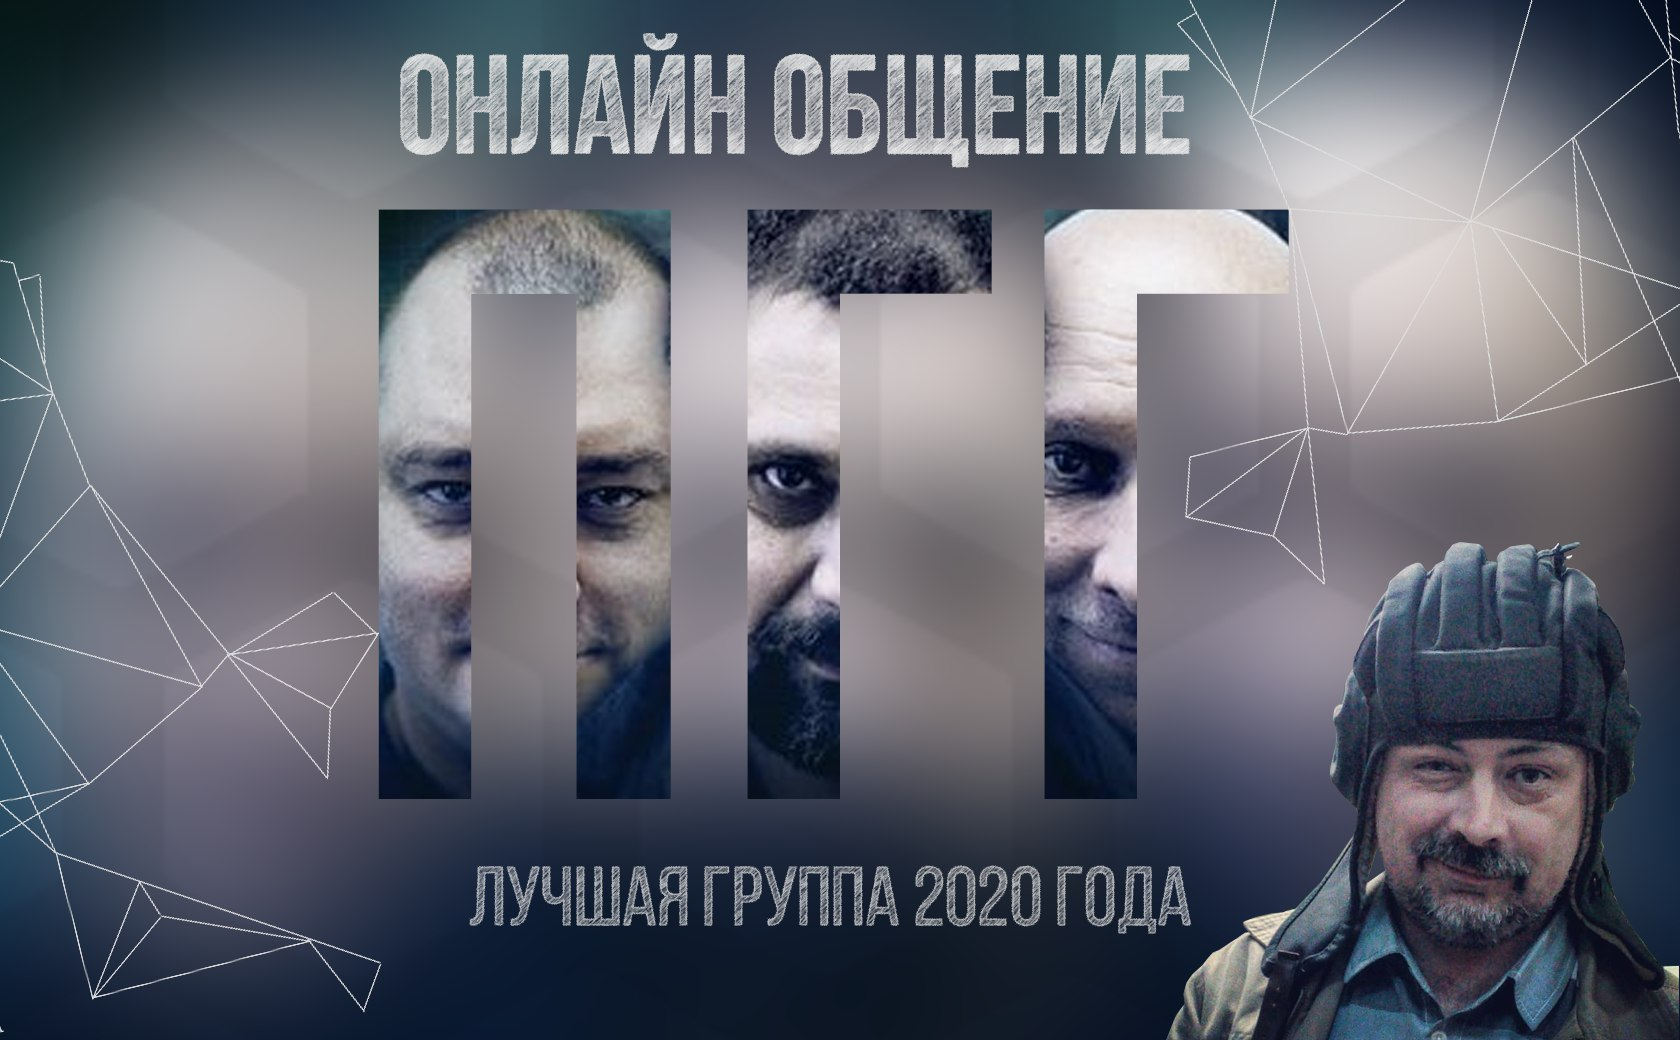 Вадим чекунов императрица скачать бесплатно fb2